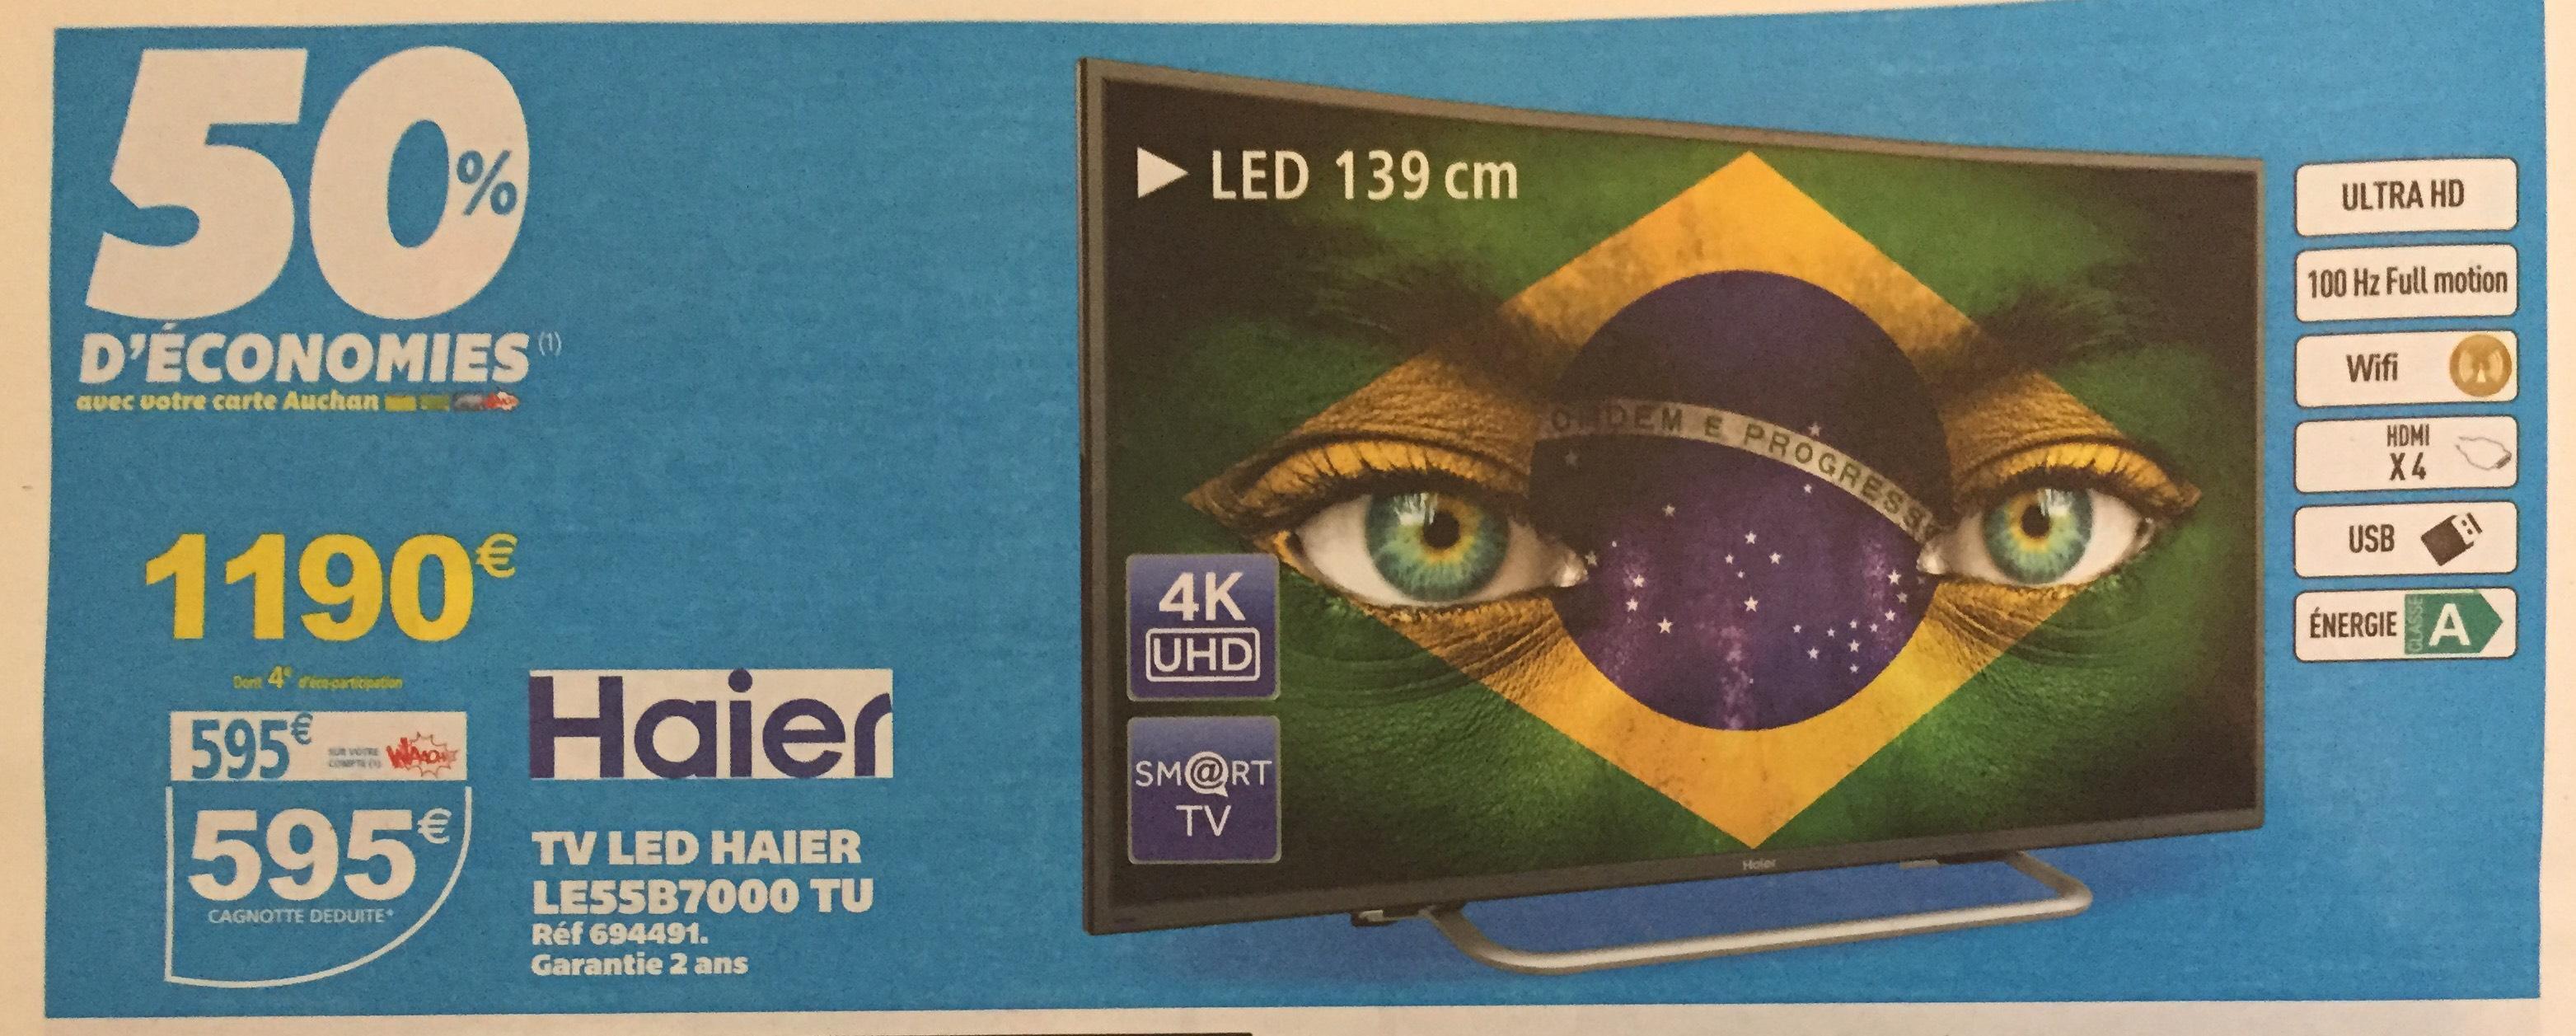 """TV LED 55"""" Haier LE55B7000 TU - 4K, Wifi, HDMI x4, USB, Classe A (avec 595€ sur la carte)"""